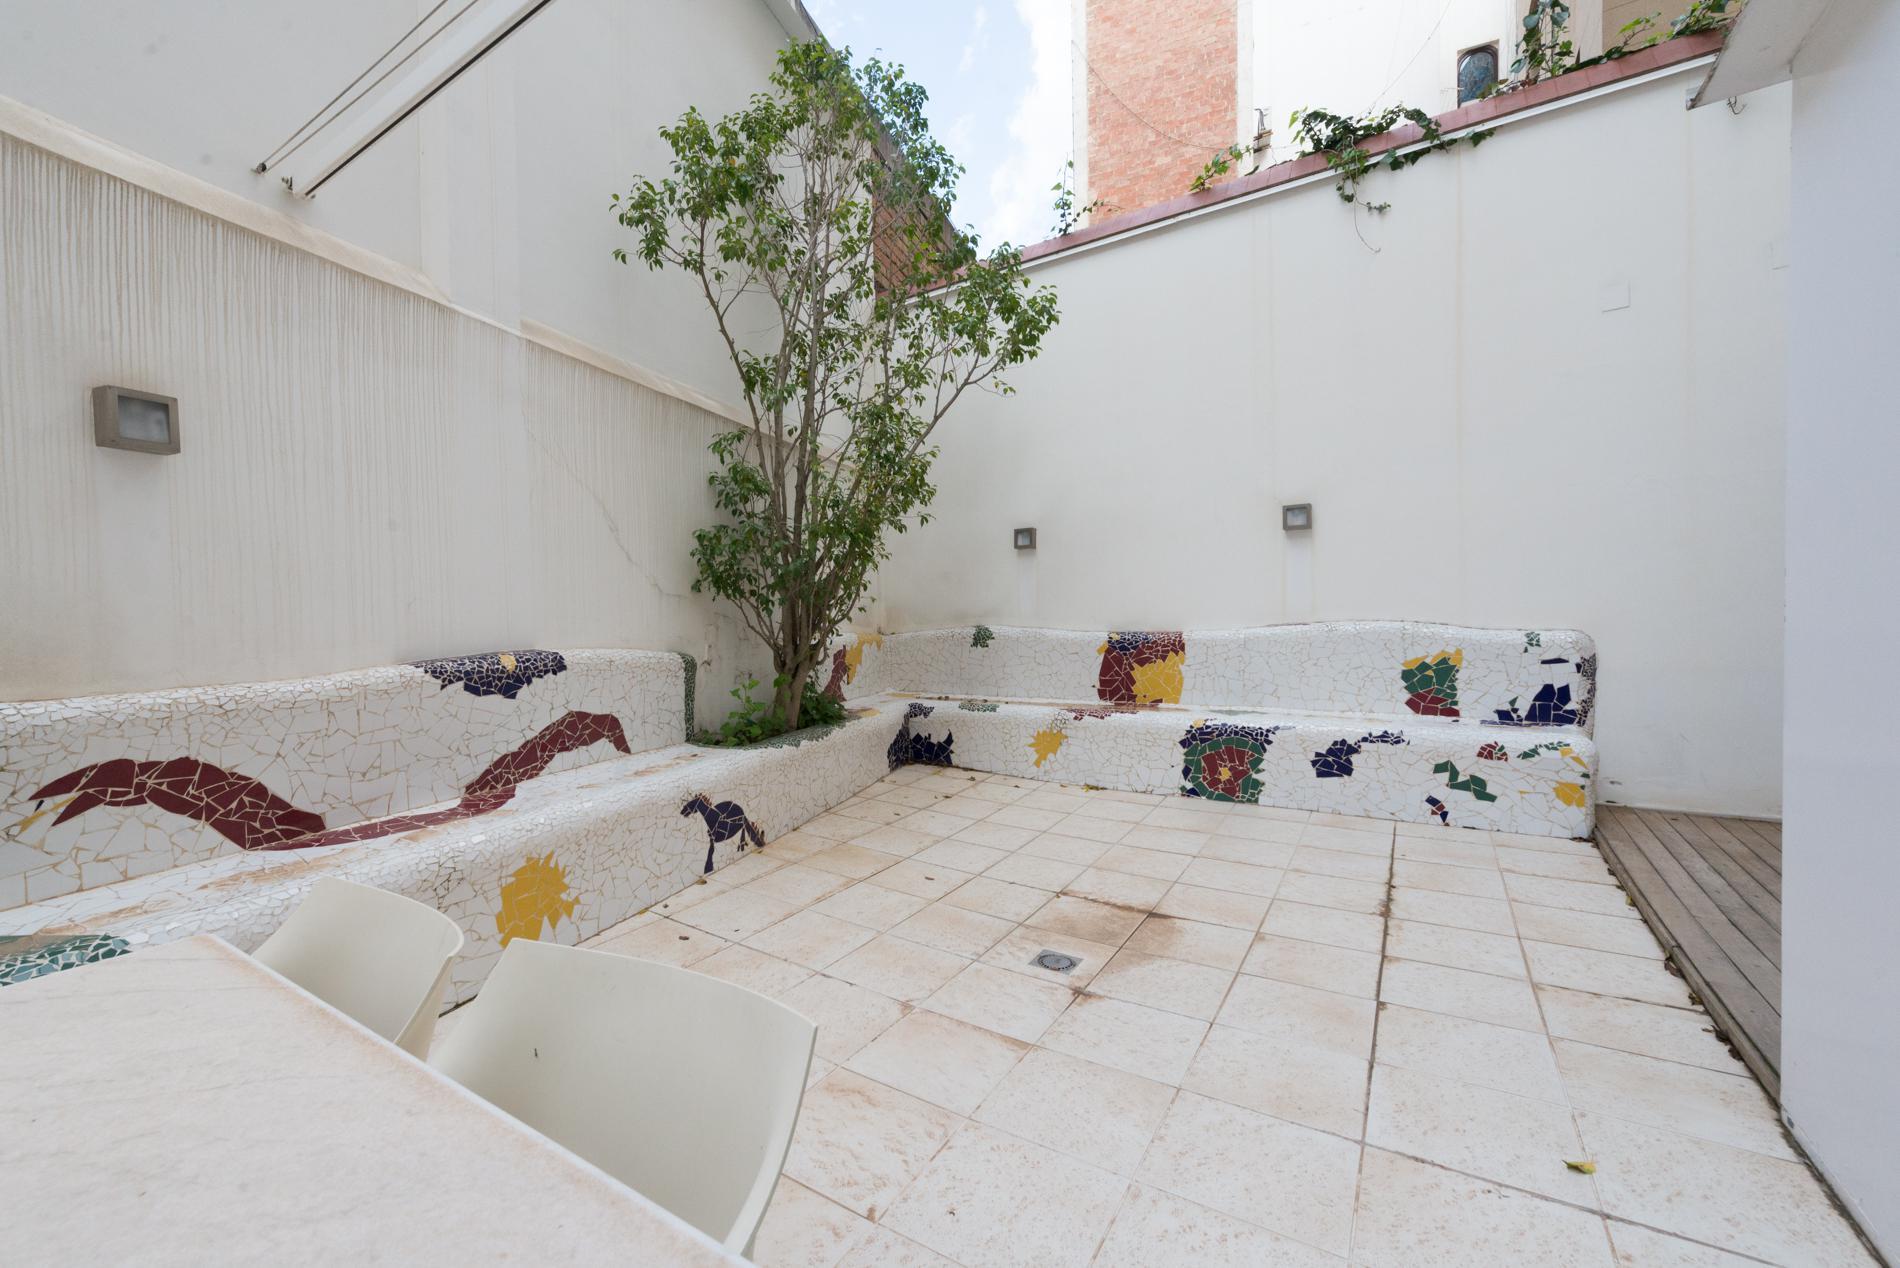 247761 Ground Floor for sale in Sarrià-Sant Gervasi, St. Gervasi-Bonanova 27